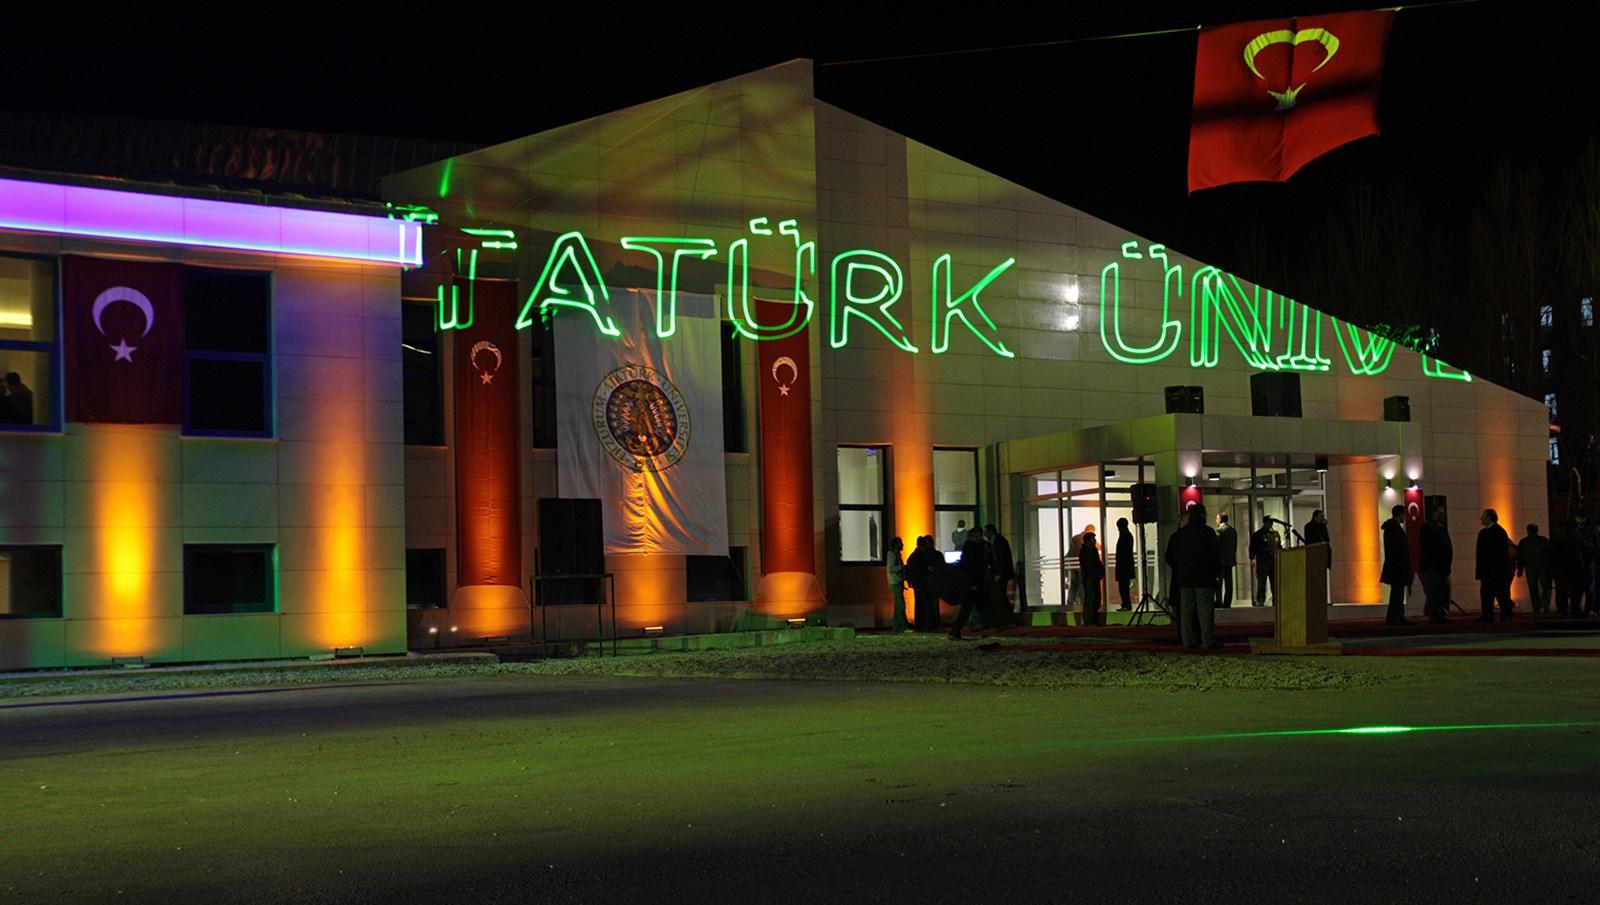 6 projecrop - جامعة اتاتورك Atatürk Üniversitesi في ارضروم